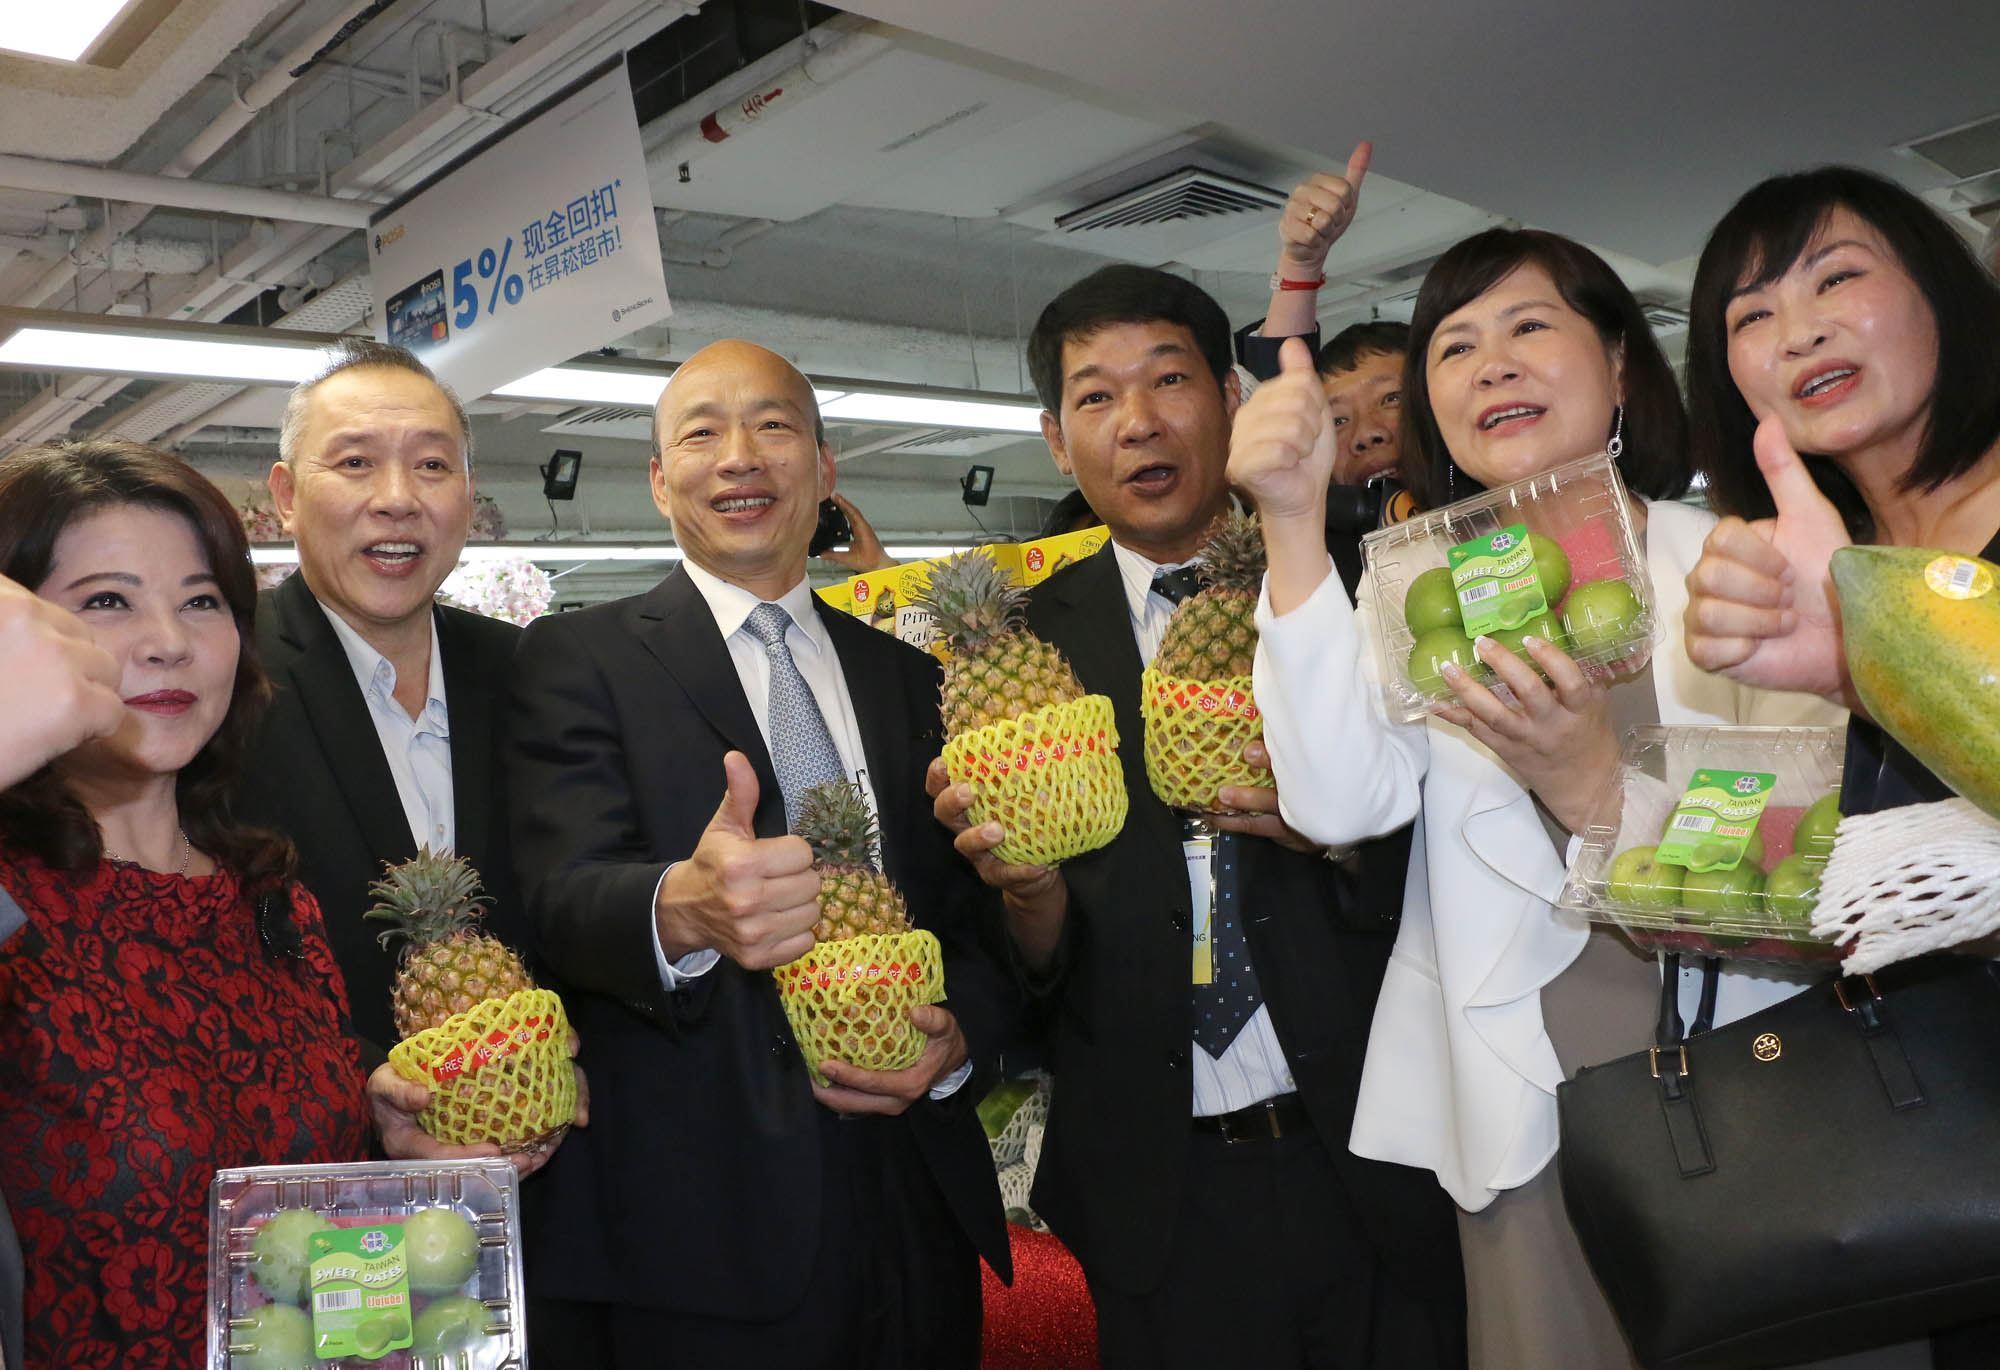 20190226續與新加坡昇菘超市簽約 韓國瑜:農產首重品質-通稿六.JPG.jpg